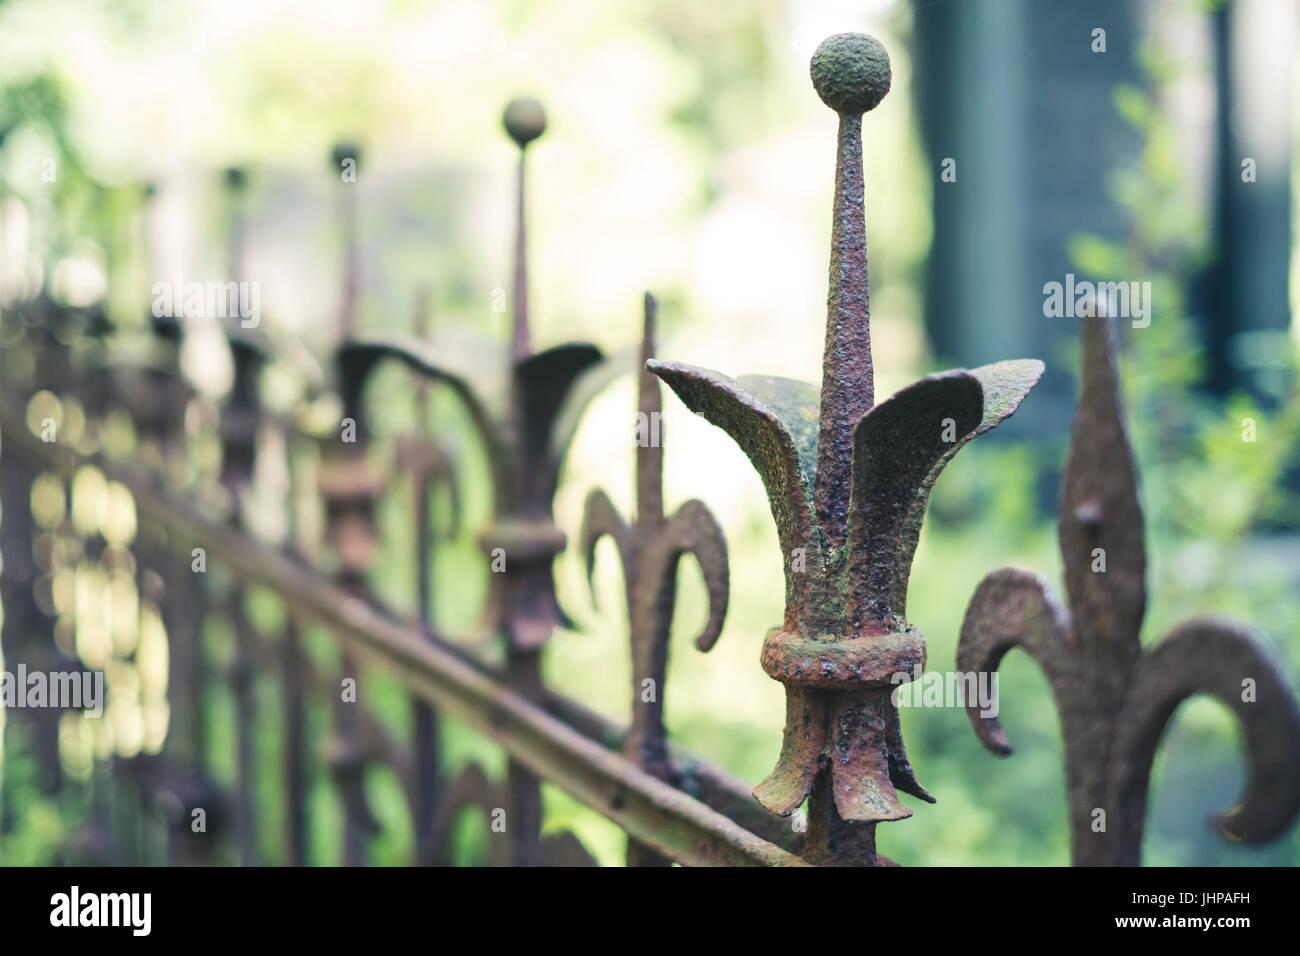 Alte Rostige Gelander Schmiedeeisen Verrosteten Zaun Stockfoto Bild